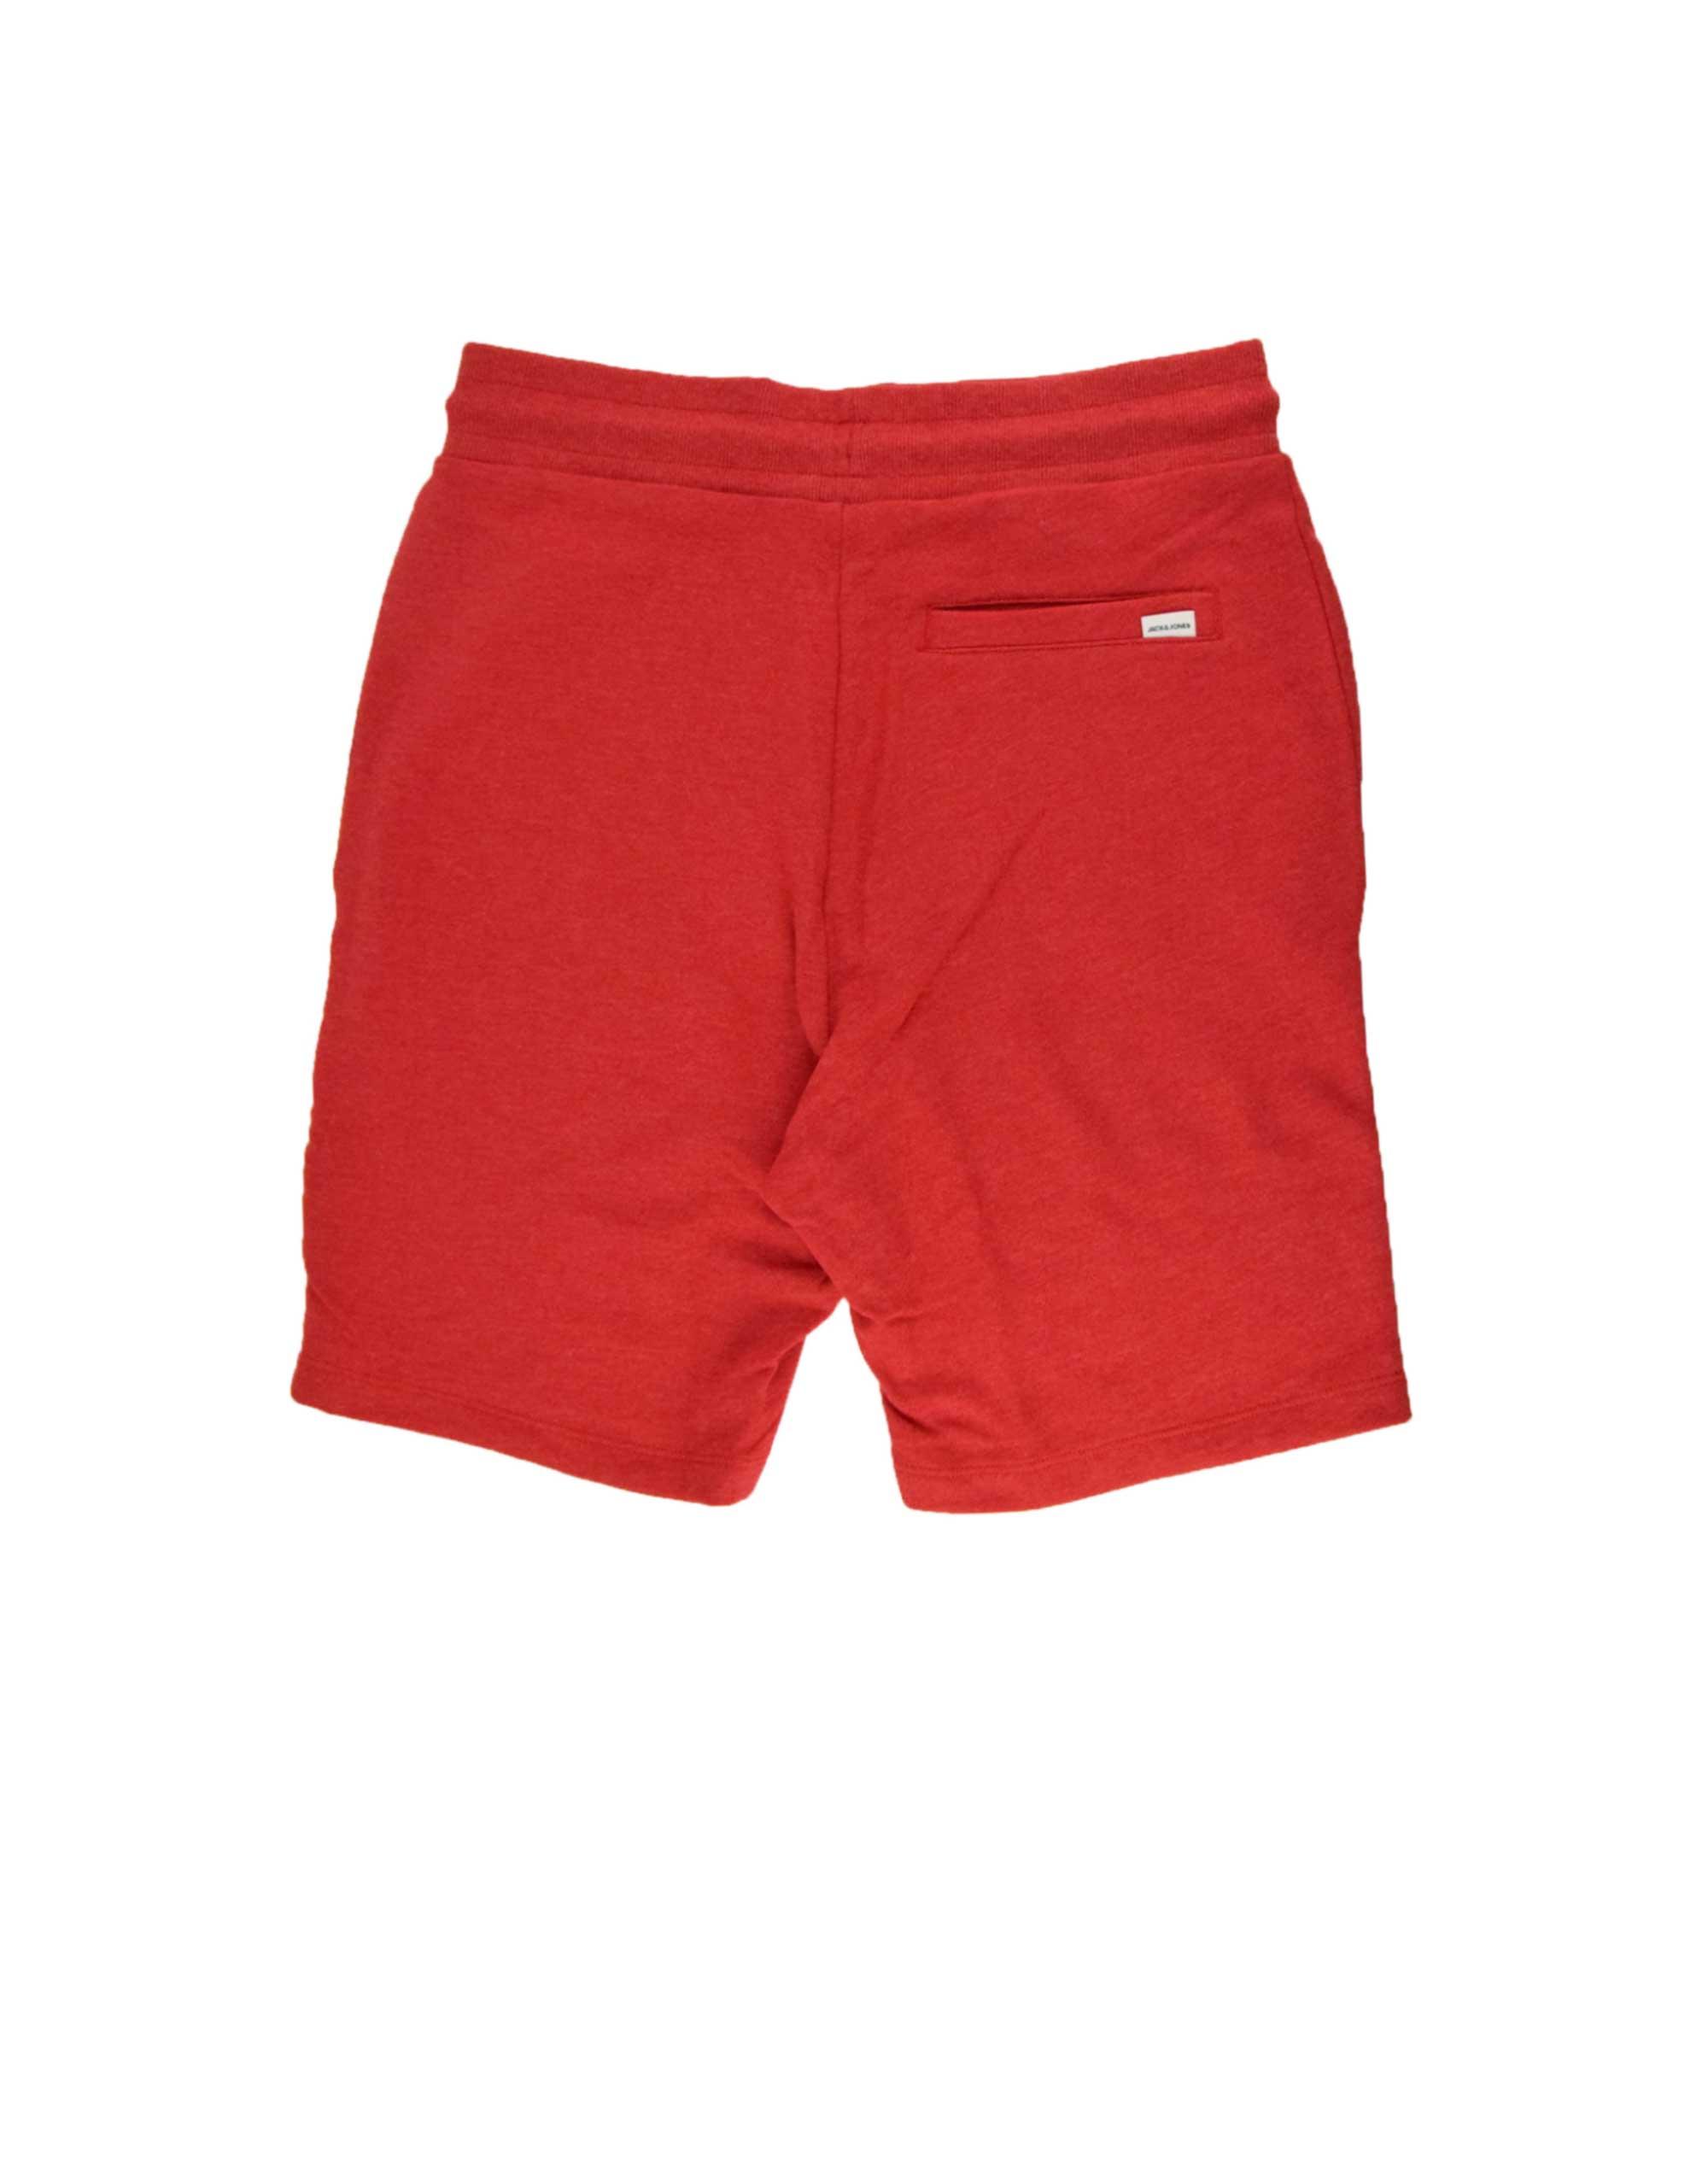 Jack & Jones Shark Sweat Short (12174129) Tango Red